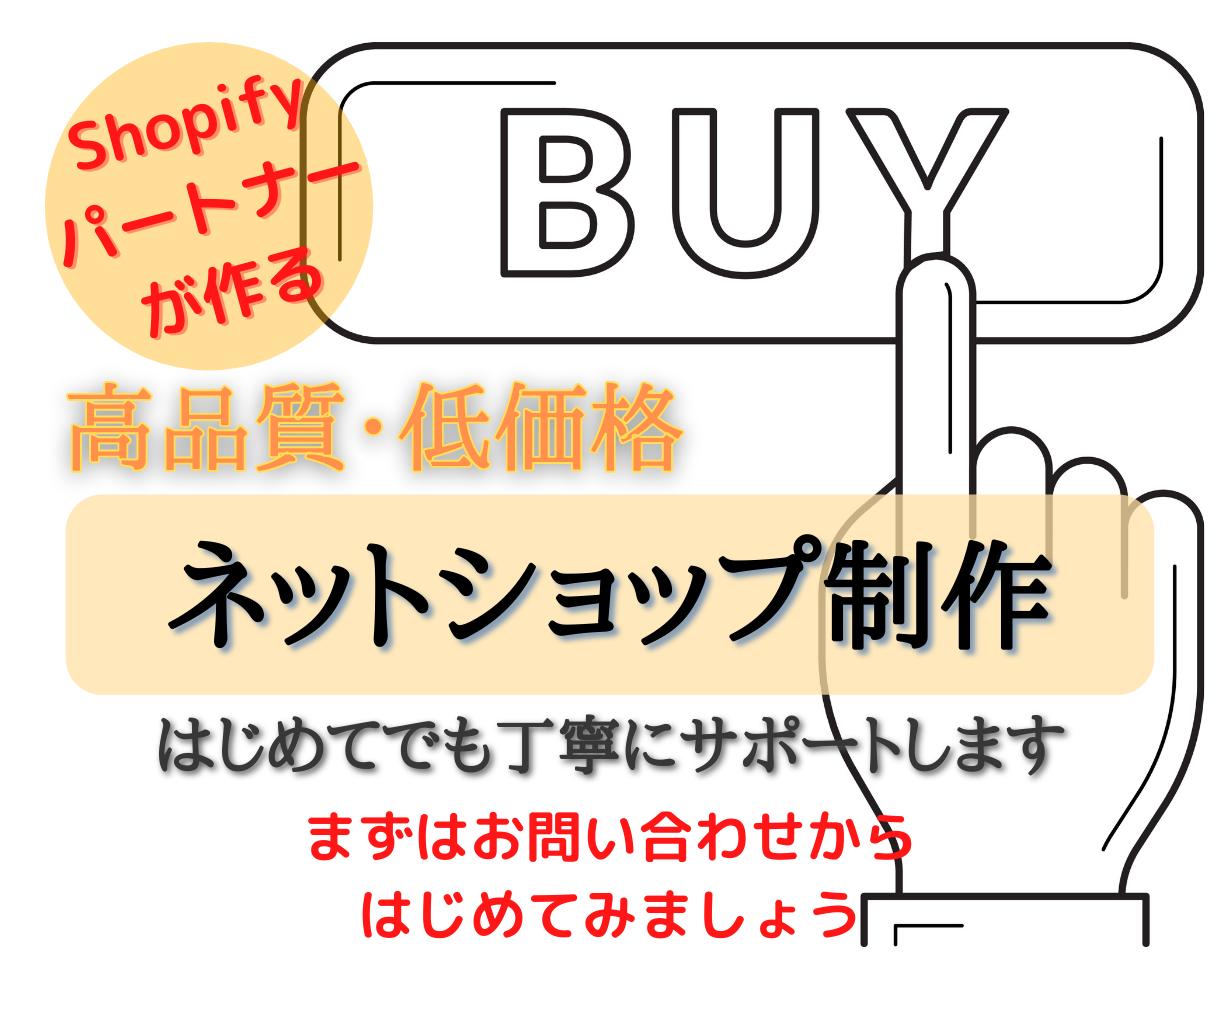 ShopifyでECサイト開設のお手伝いをします 初心者でも手寧なサポートを行いますのでご安心ください。 イメージ1